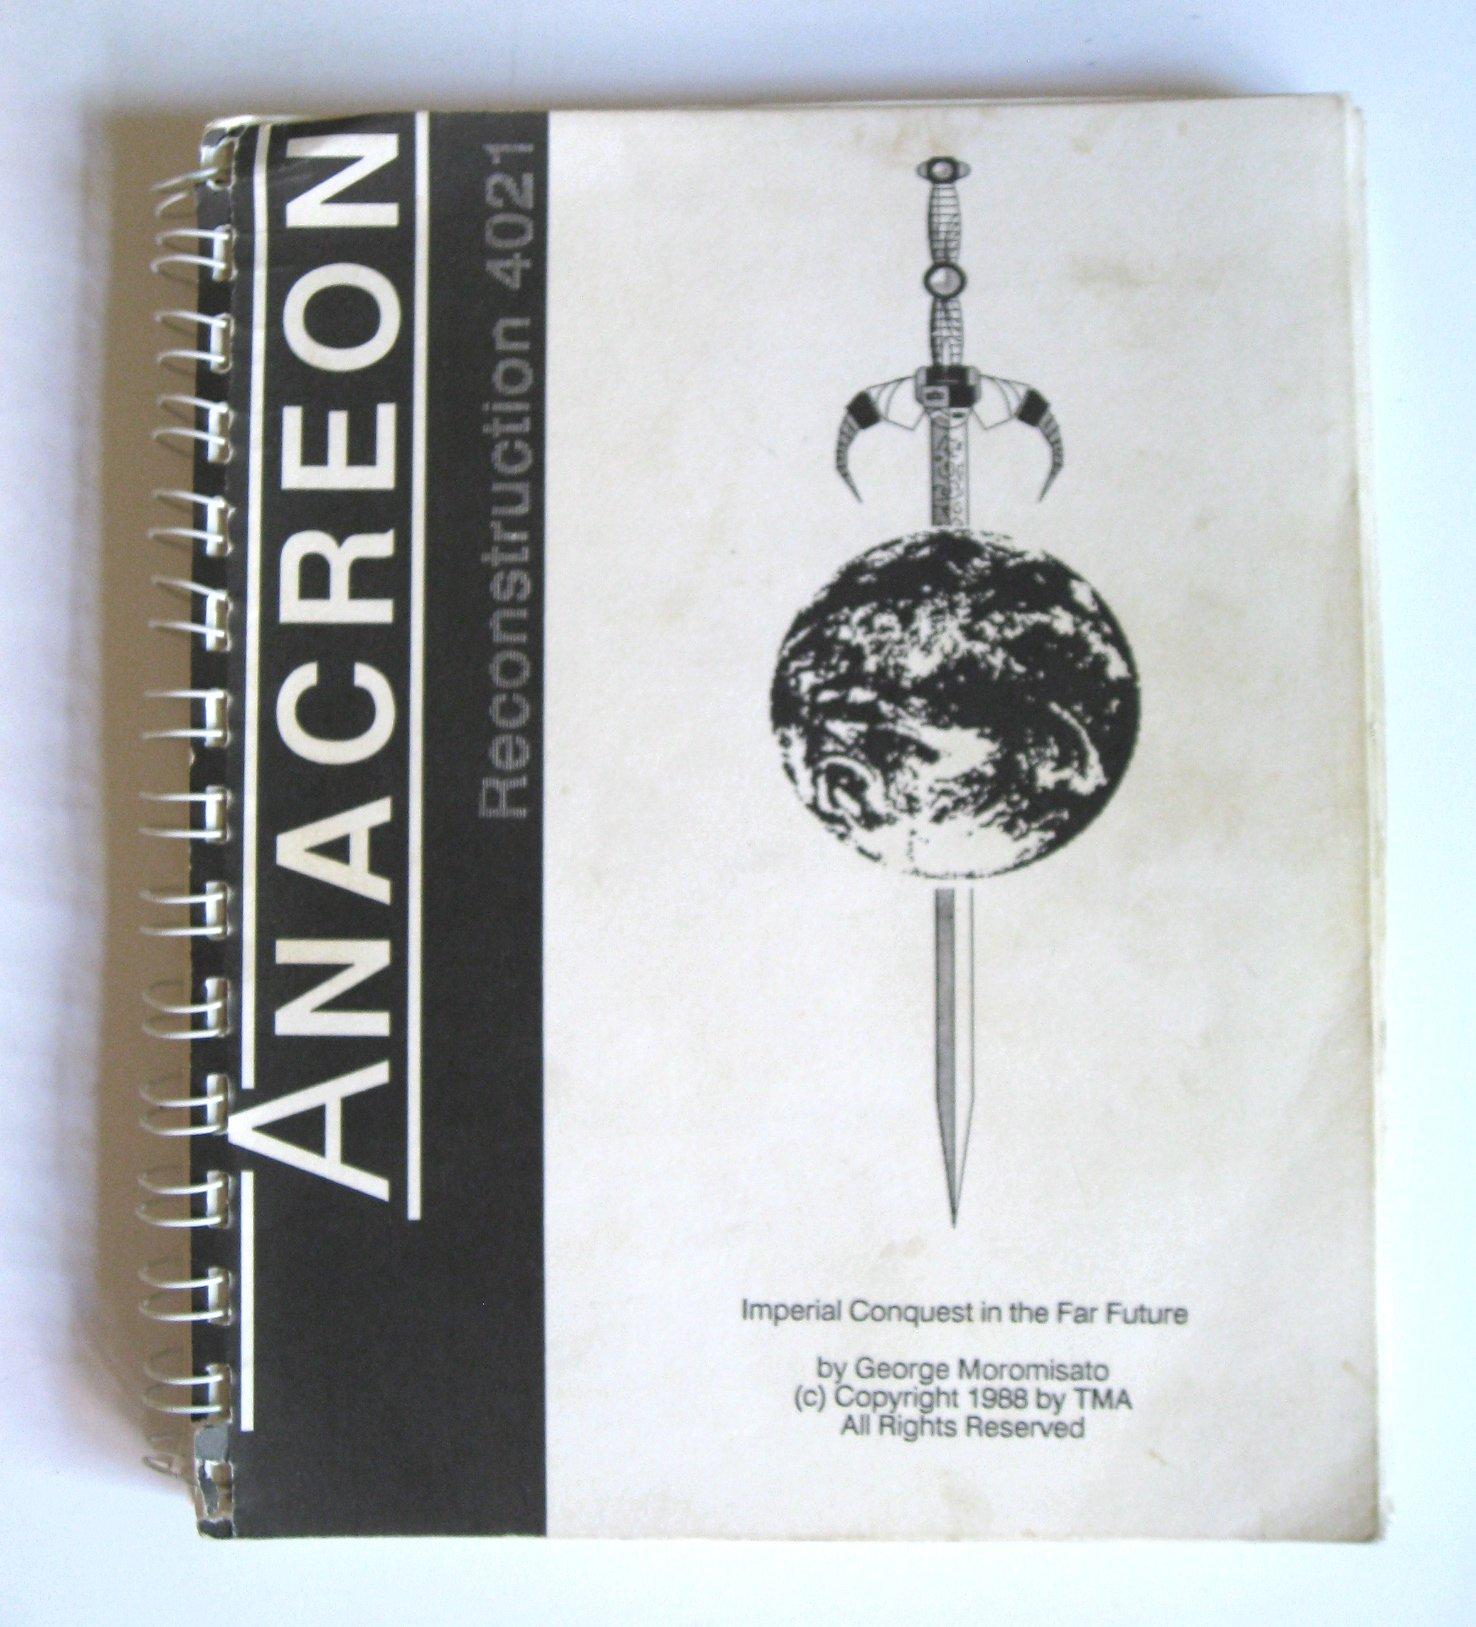 [ Dossier ] Anacreon : reconstruction 4021 81kYax%2BepeL